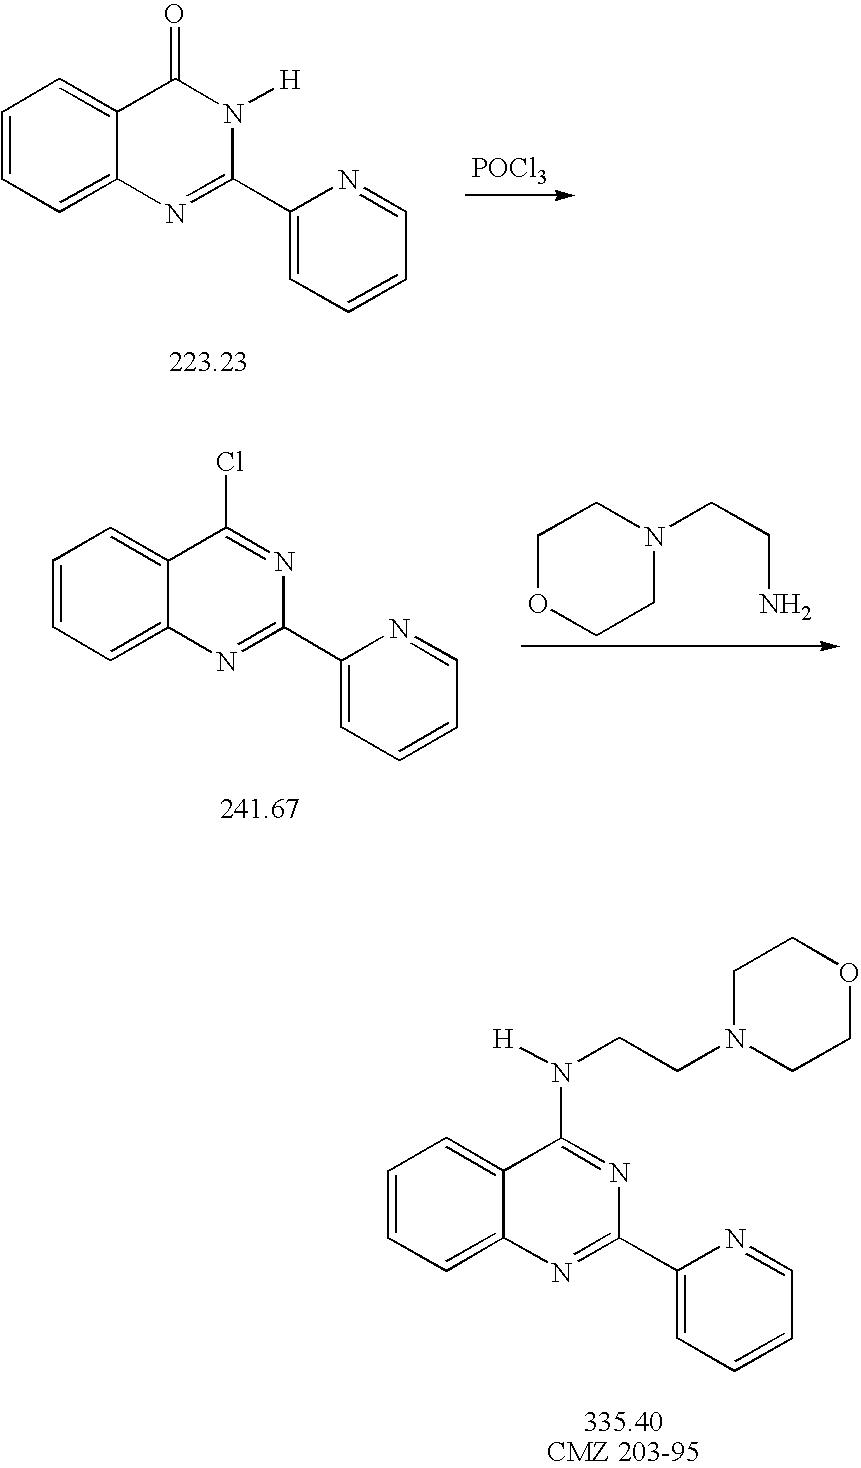 Figure US20070232622A1-20071004-C00329